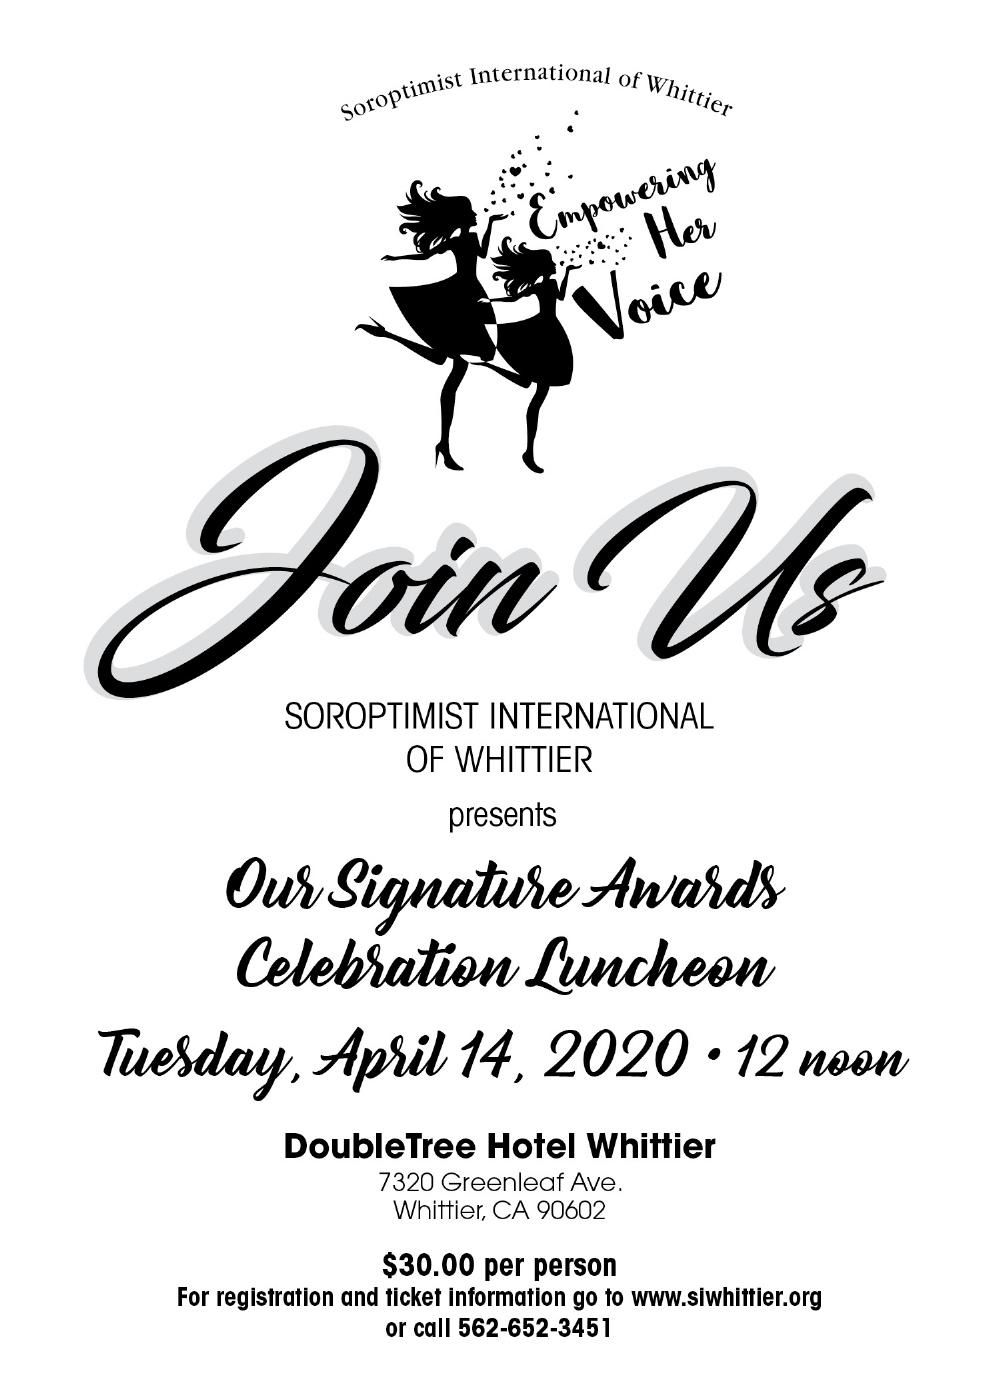 Signature Award Luncheon Invite 2020